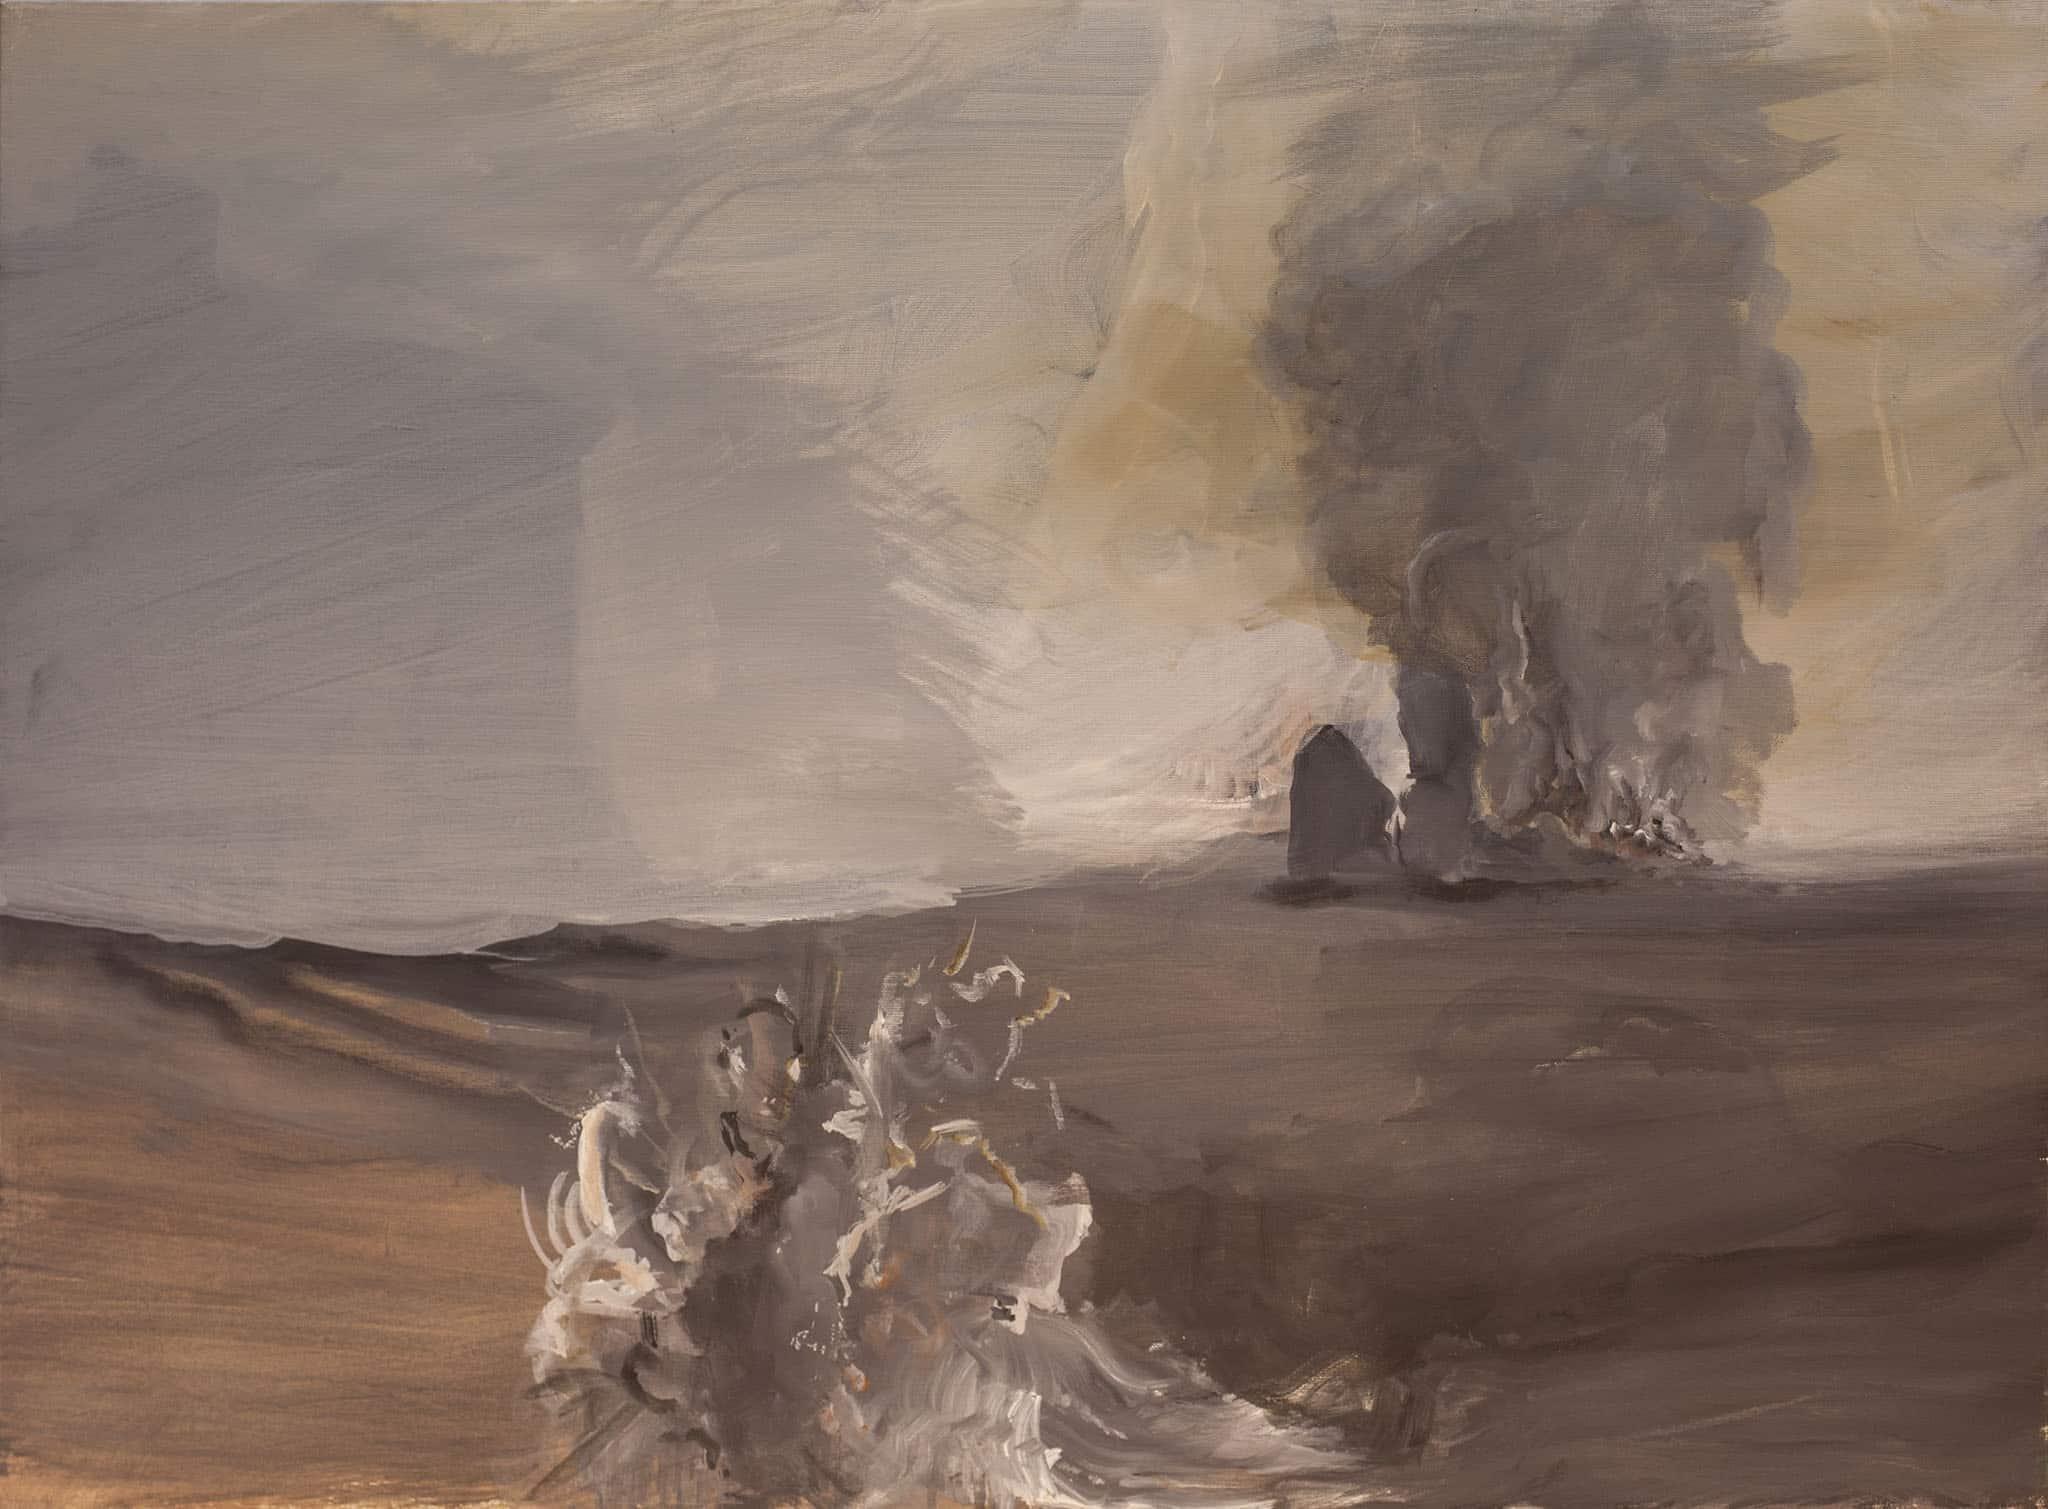 """אבנר בן גל, """"ארבה"""", 2004, שמן על בד, 95x70 ס""""מ"""